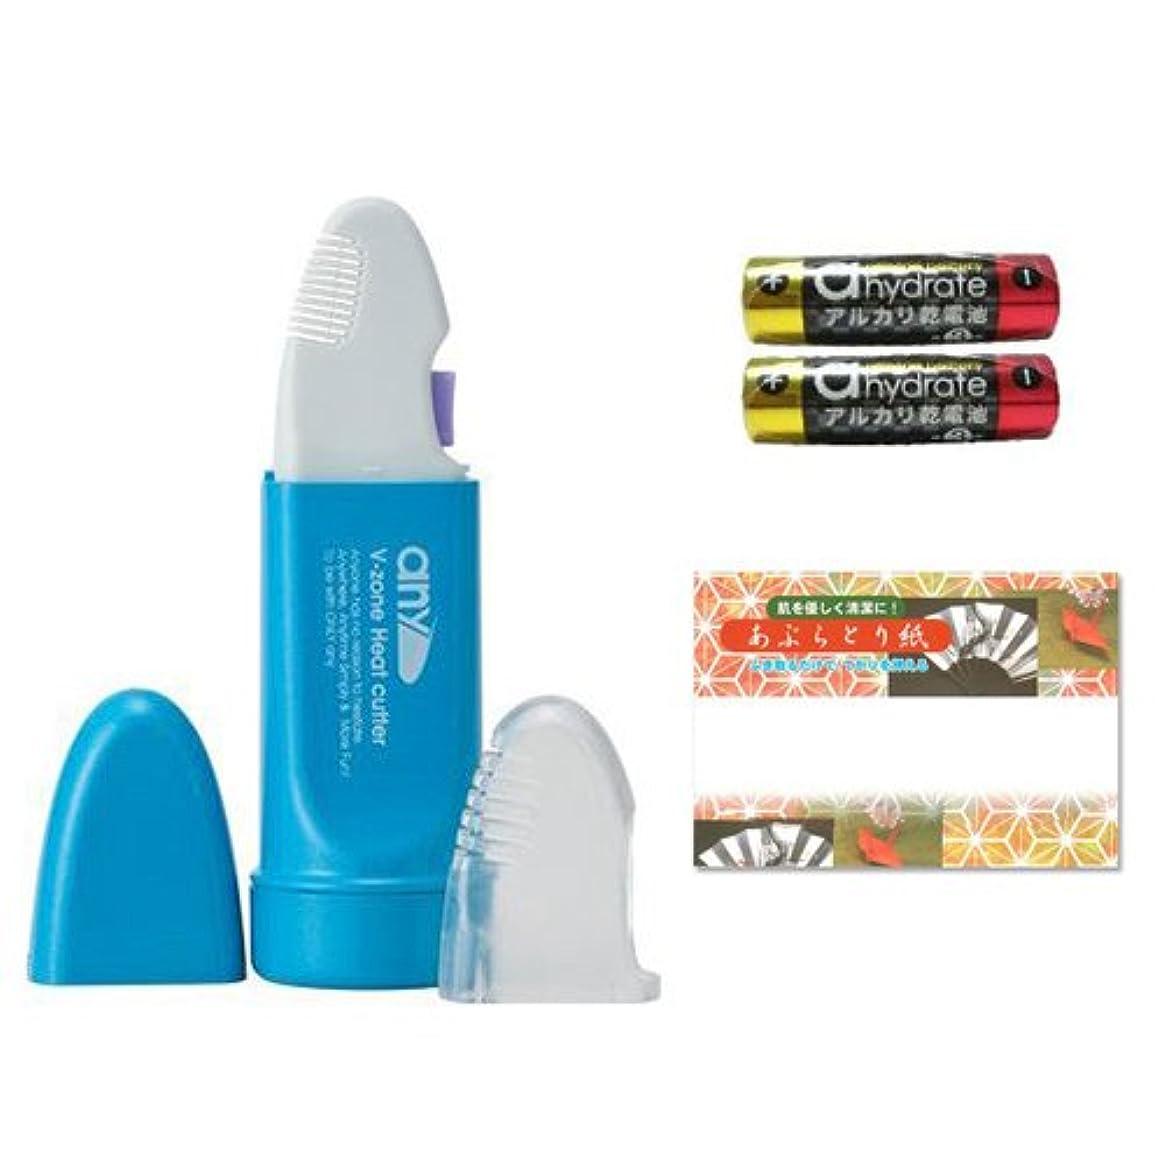 縁縁有効なV-Zone Heat Cutter any(エニィ) Stylish マリンブルー + 単3アルカリ電池2本付きセット + あぶらとり紙 付き